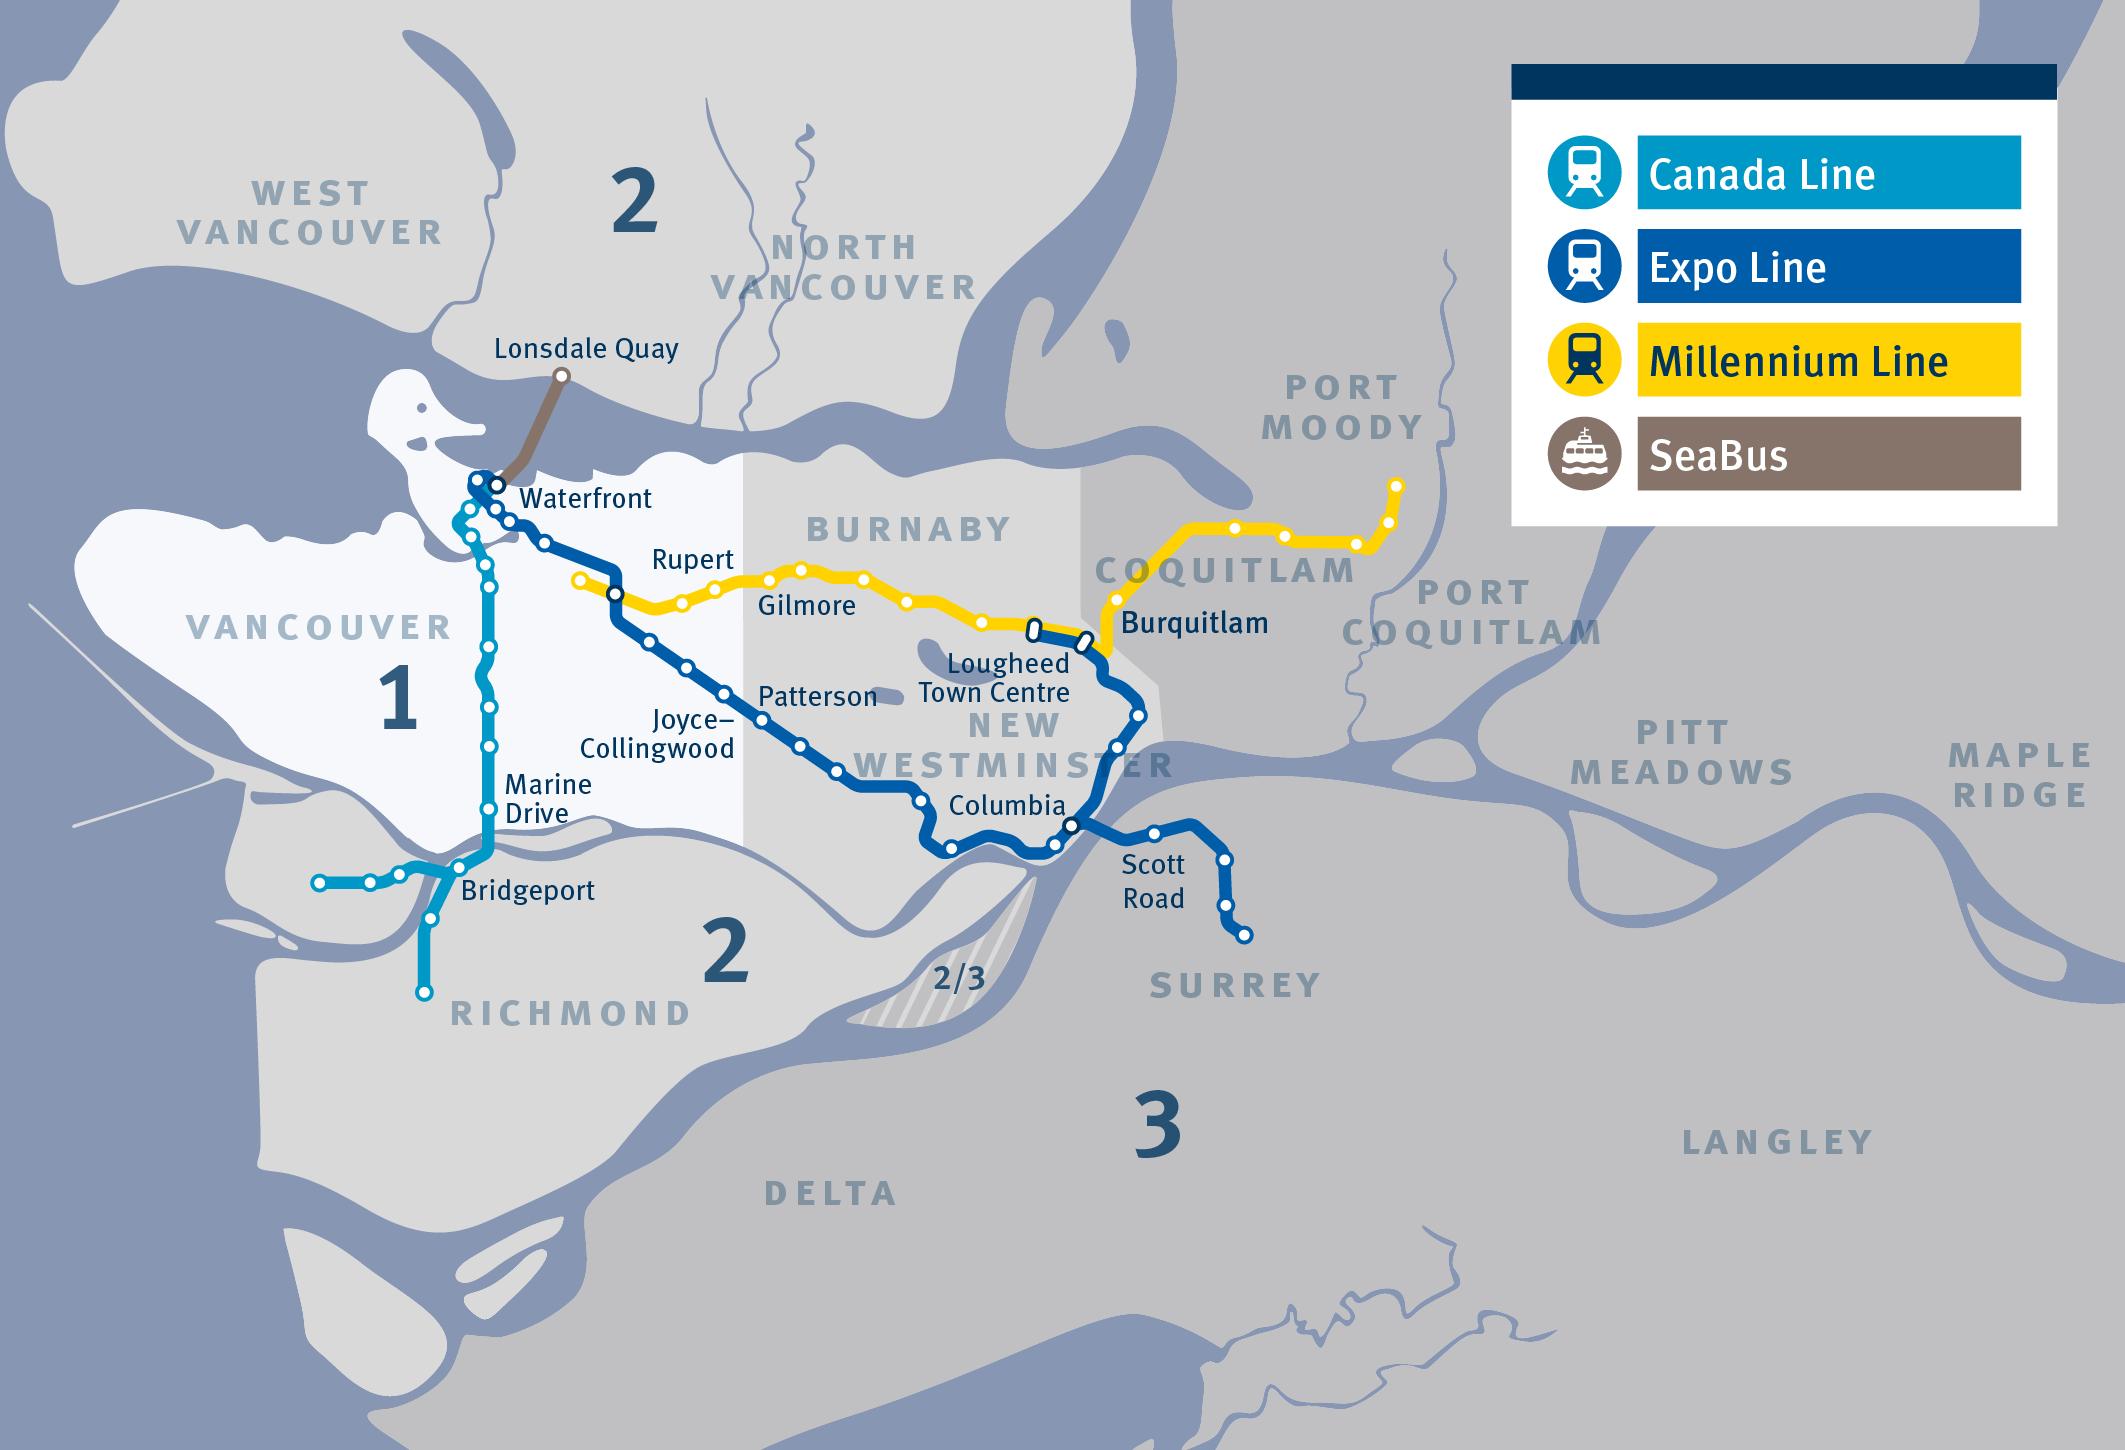 Canada Line Fare Zone Map Pricing and Fare Zones | TransLink